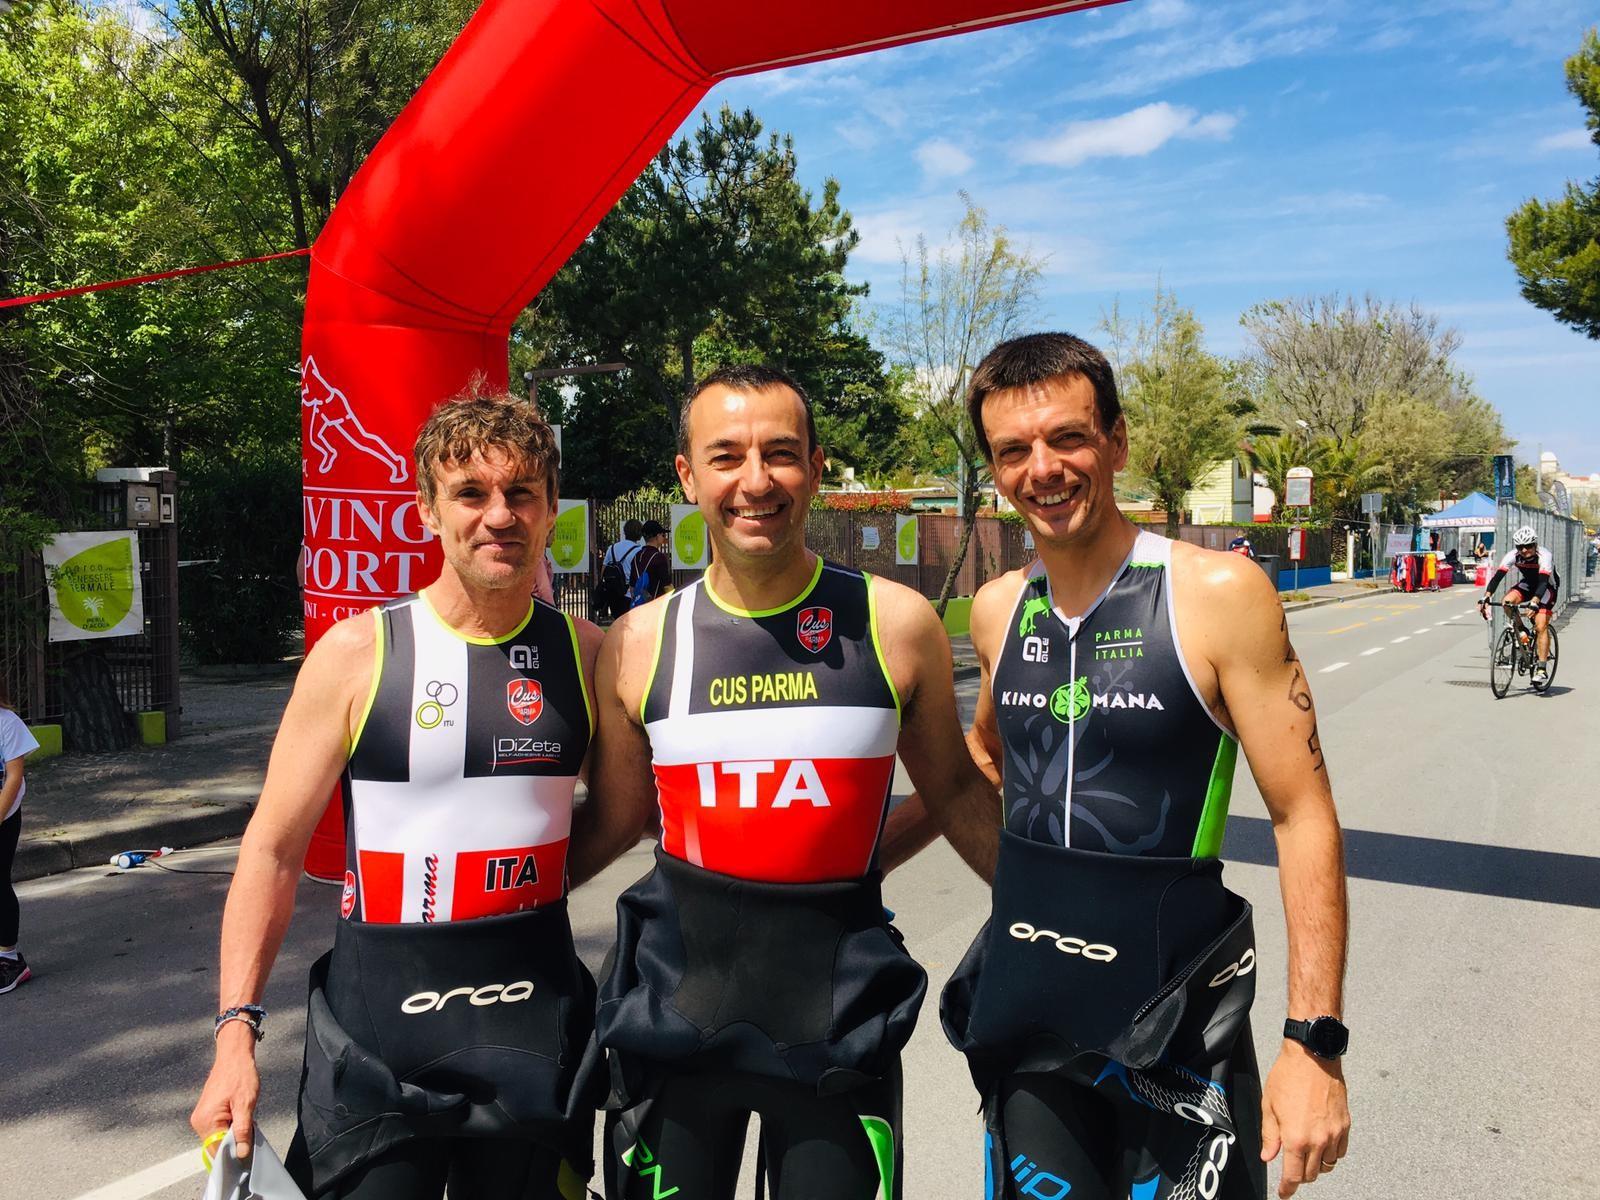 Calendario 2019 Xunta De Galicia Actual Triathlon – Cus Parma A S D Of Calendario 2019 Xunta De Galicia Actual Pesca A Mosca Galicia Junio 2014